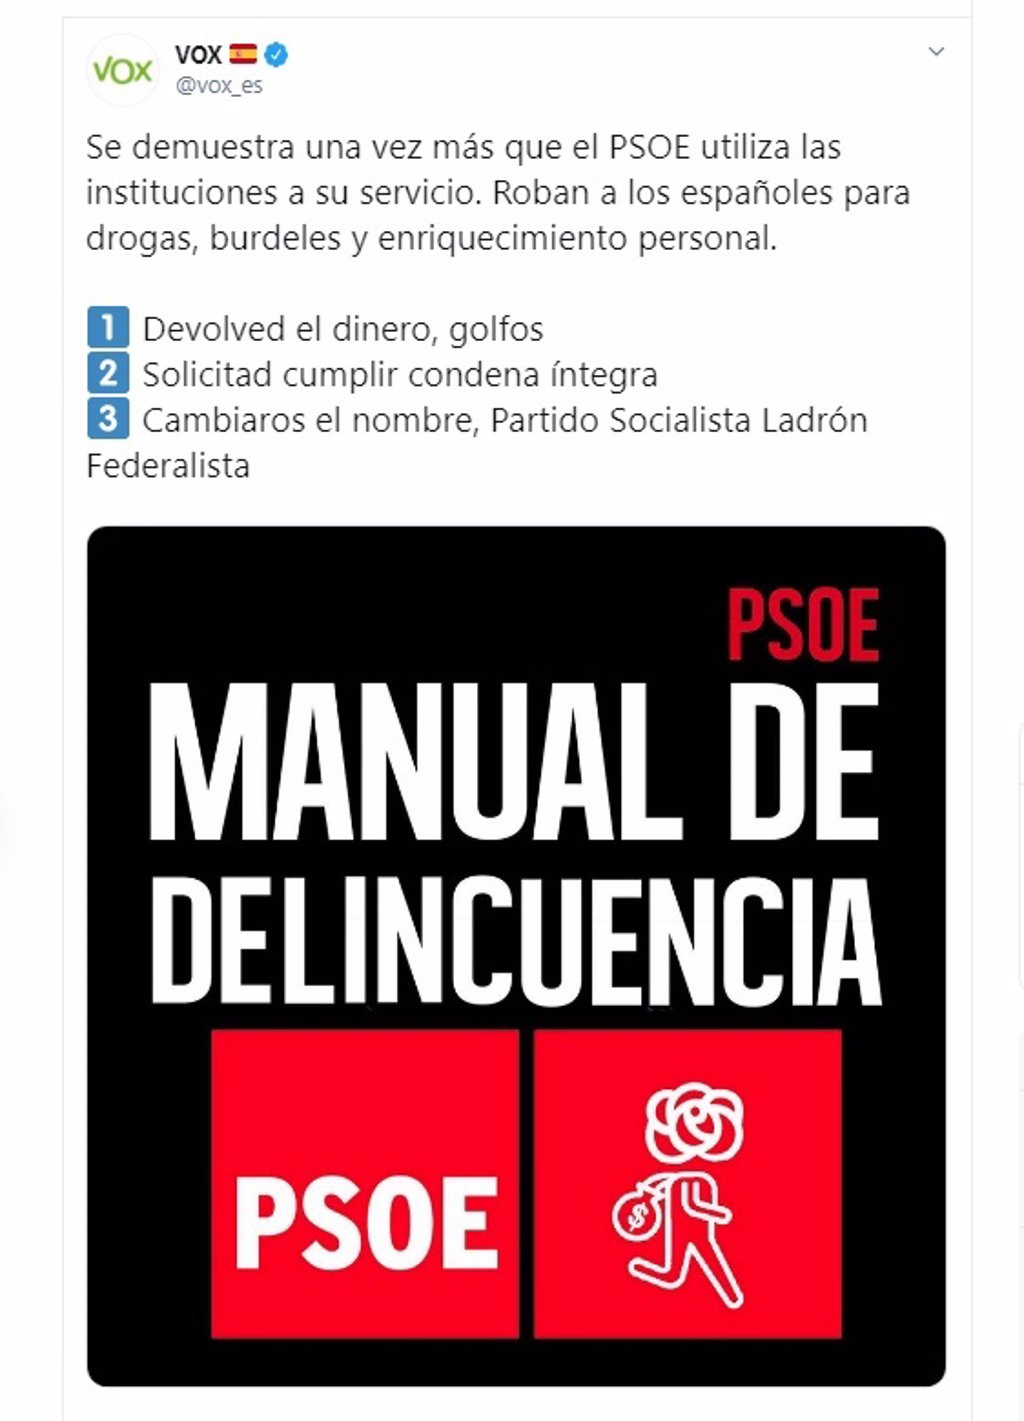 Vox eleva el tono contra el PSOE tras la sentencia de los ERE: